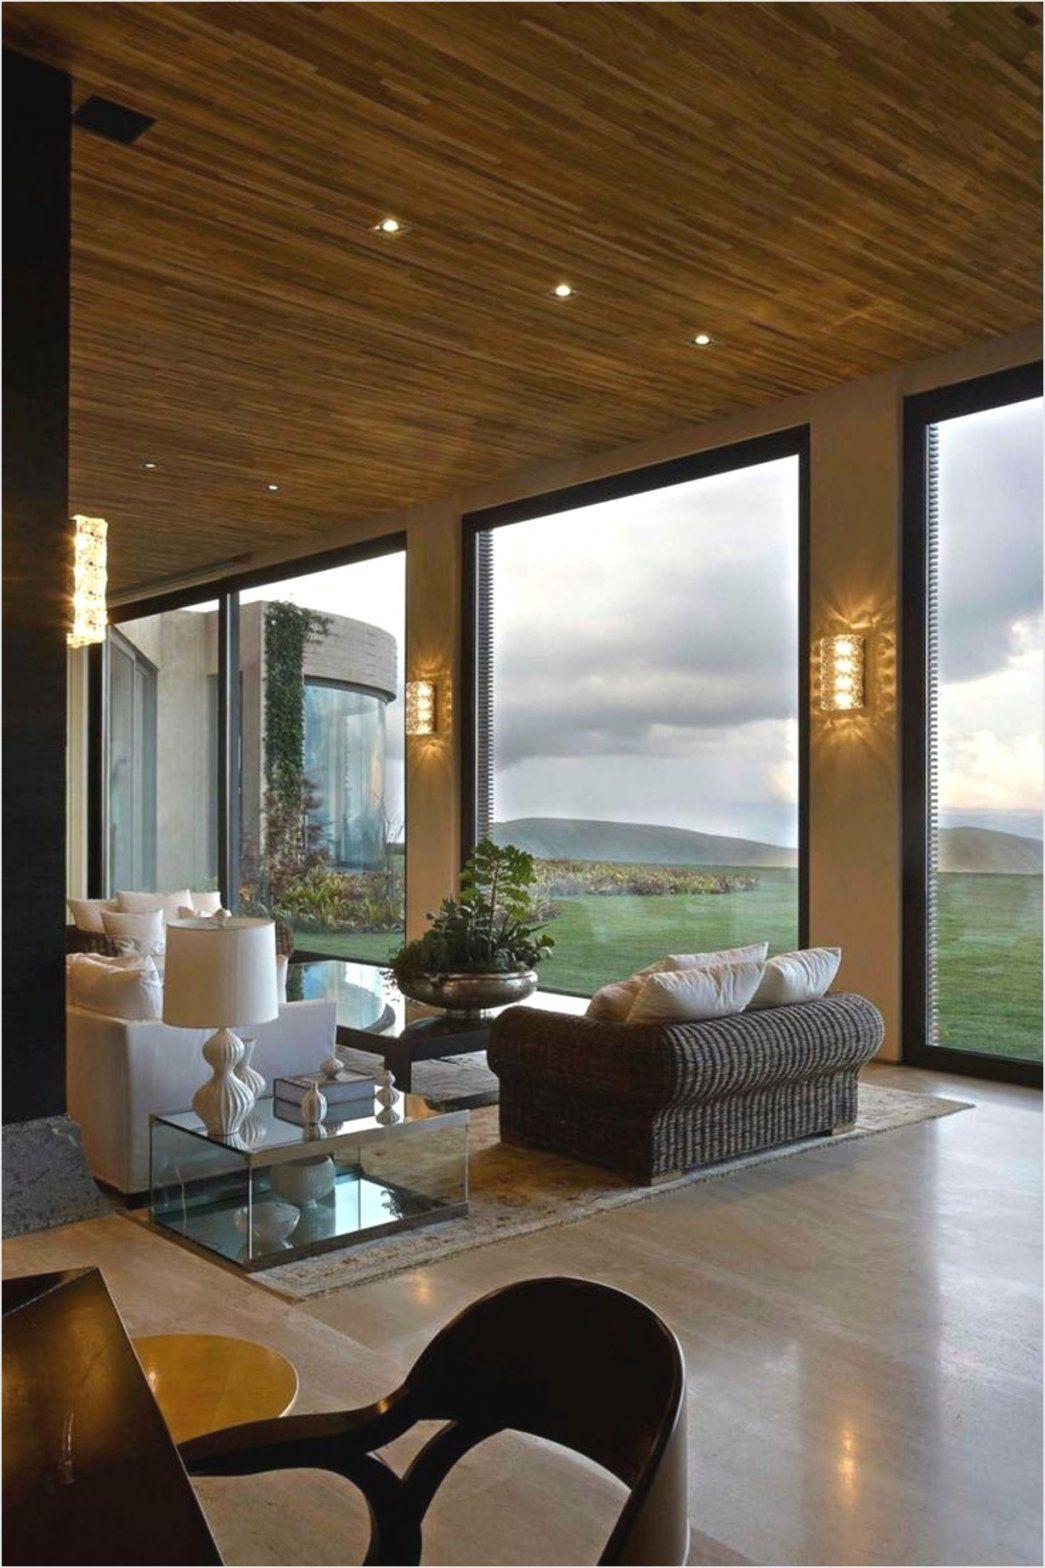 kamin nachtr glich einbauen kosten haus design ideen. Black Bedroom Furniture Sets. Home Design Ideas